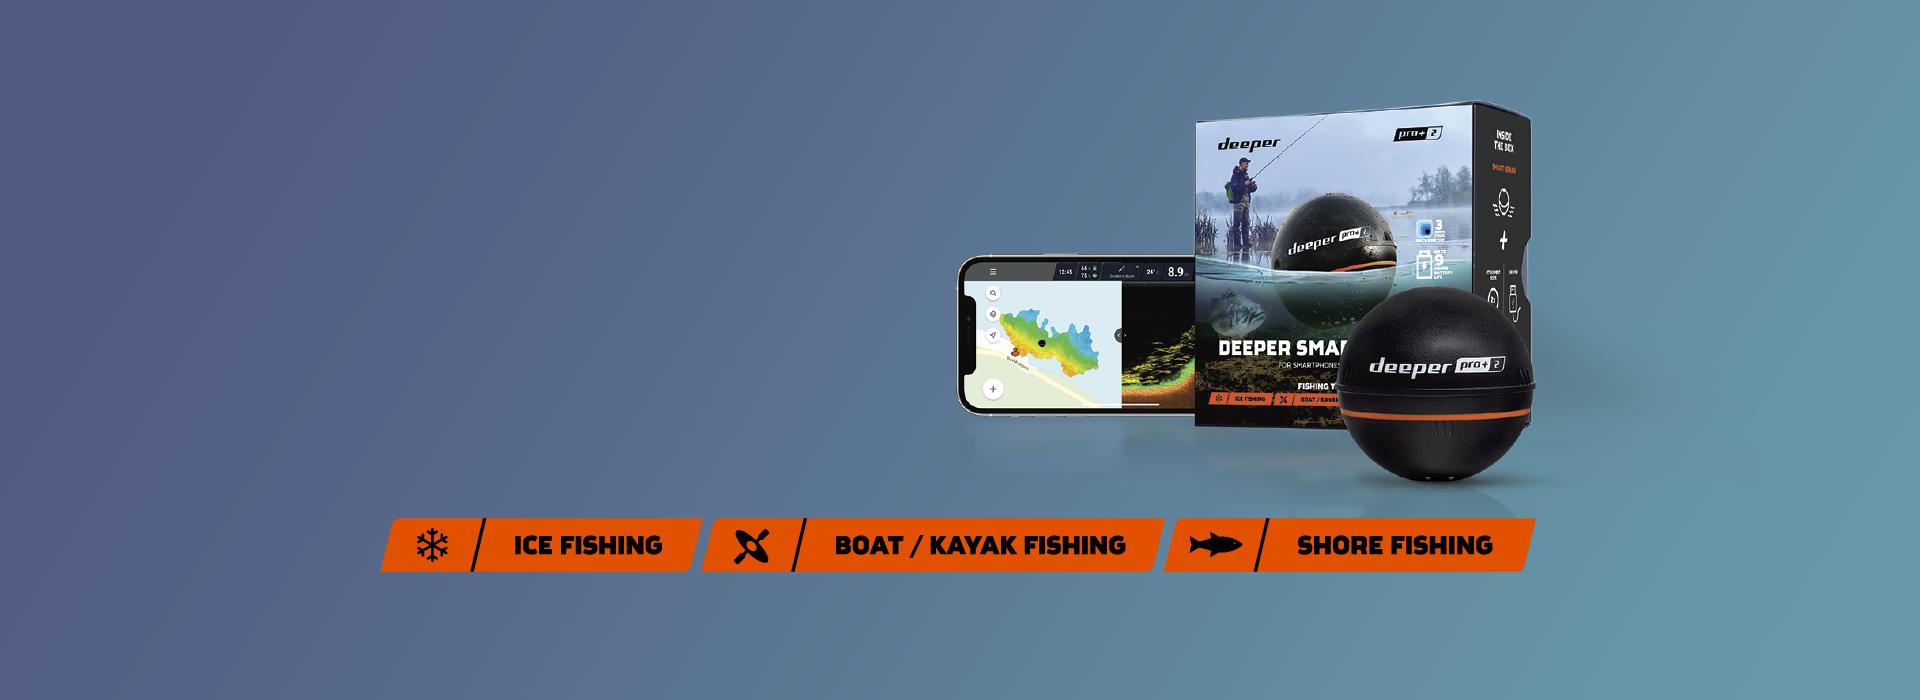 El nuevo Deeper PRO+ 2!  Amado por pescadores de todo el mundo. Ahora mejorado y mejor que nunca.